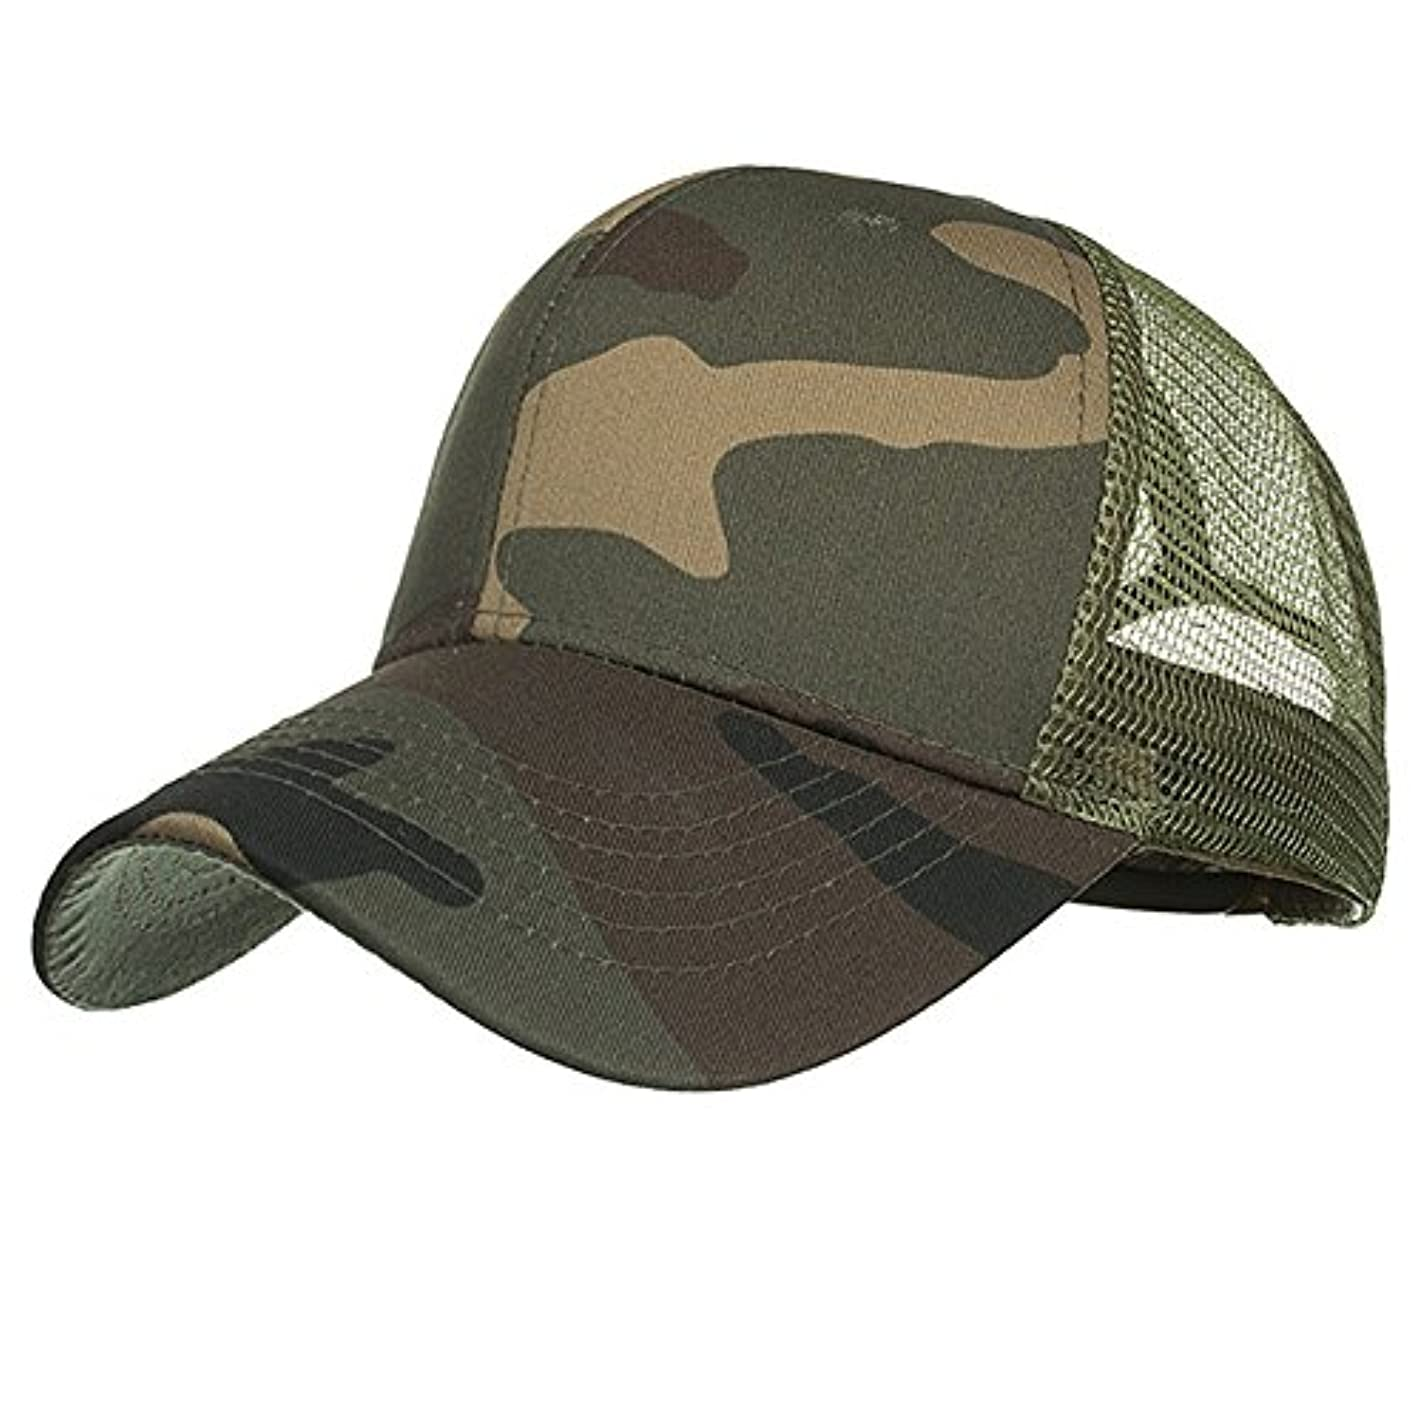 聖なる道路を作るプロセスつらいRacazing Cap 迷彩 野球帽 メッシュステッチ 通気性のある 帽子 夏 登山 可調整可能 刺繍 棒球帽 UV 帽子 軽量 屋外 Unisex Hat (A)